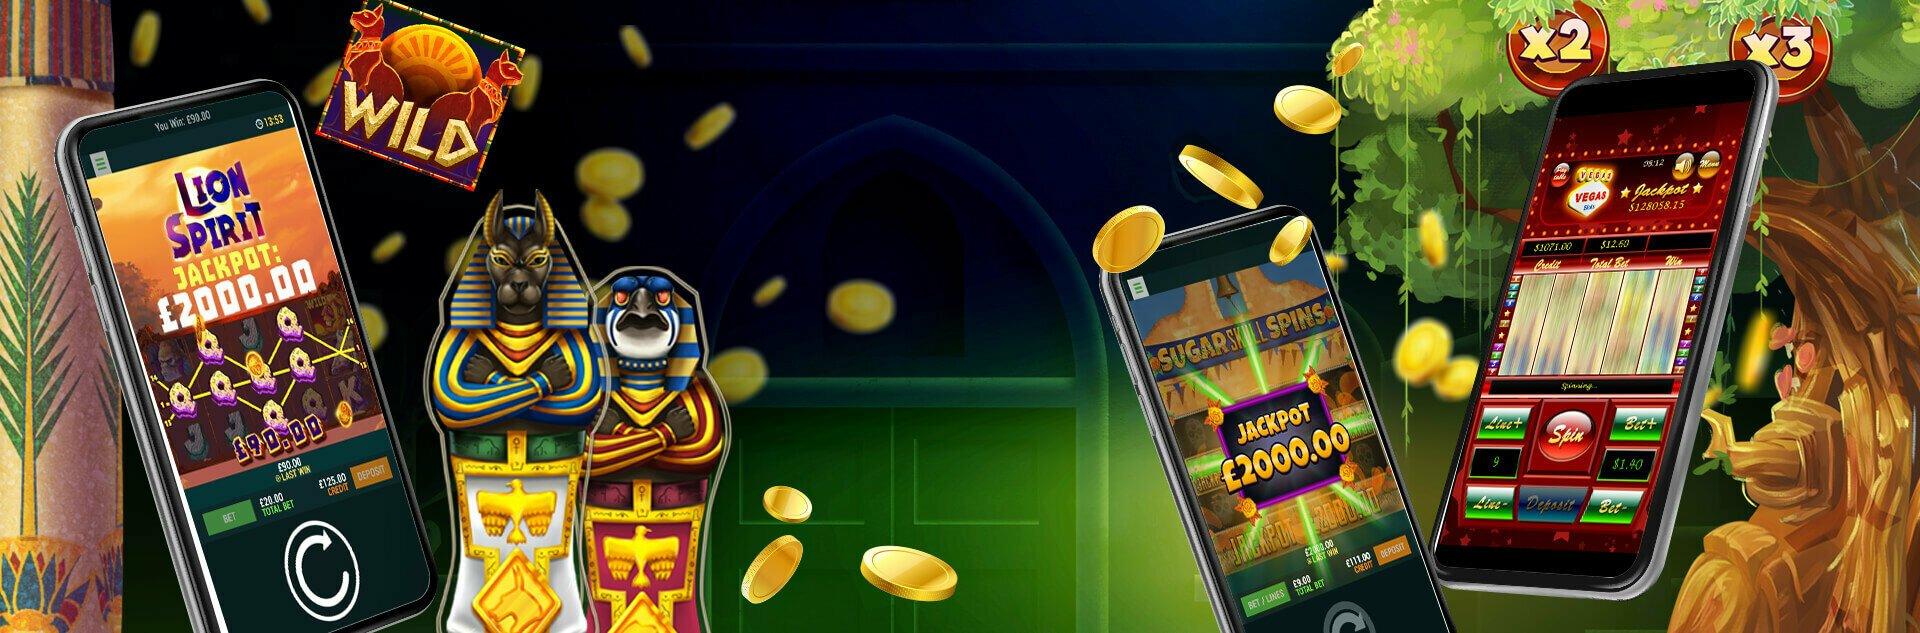 mFortune casino review UK